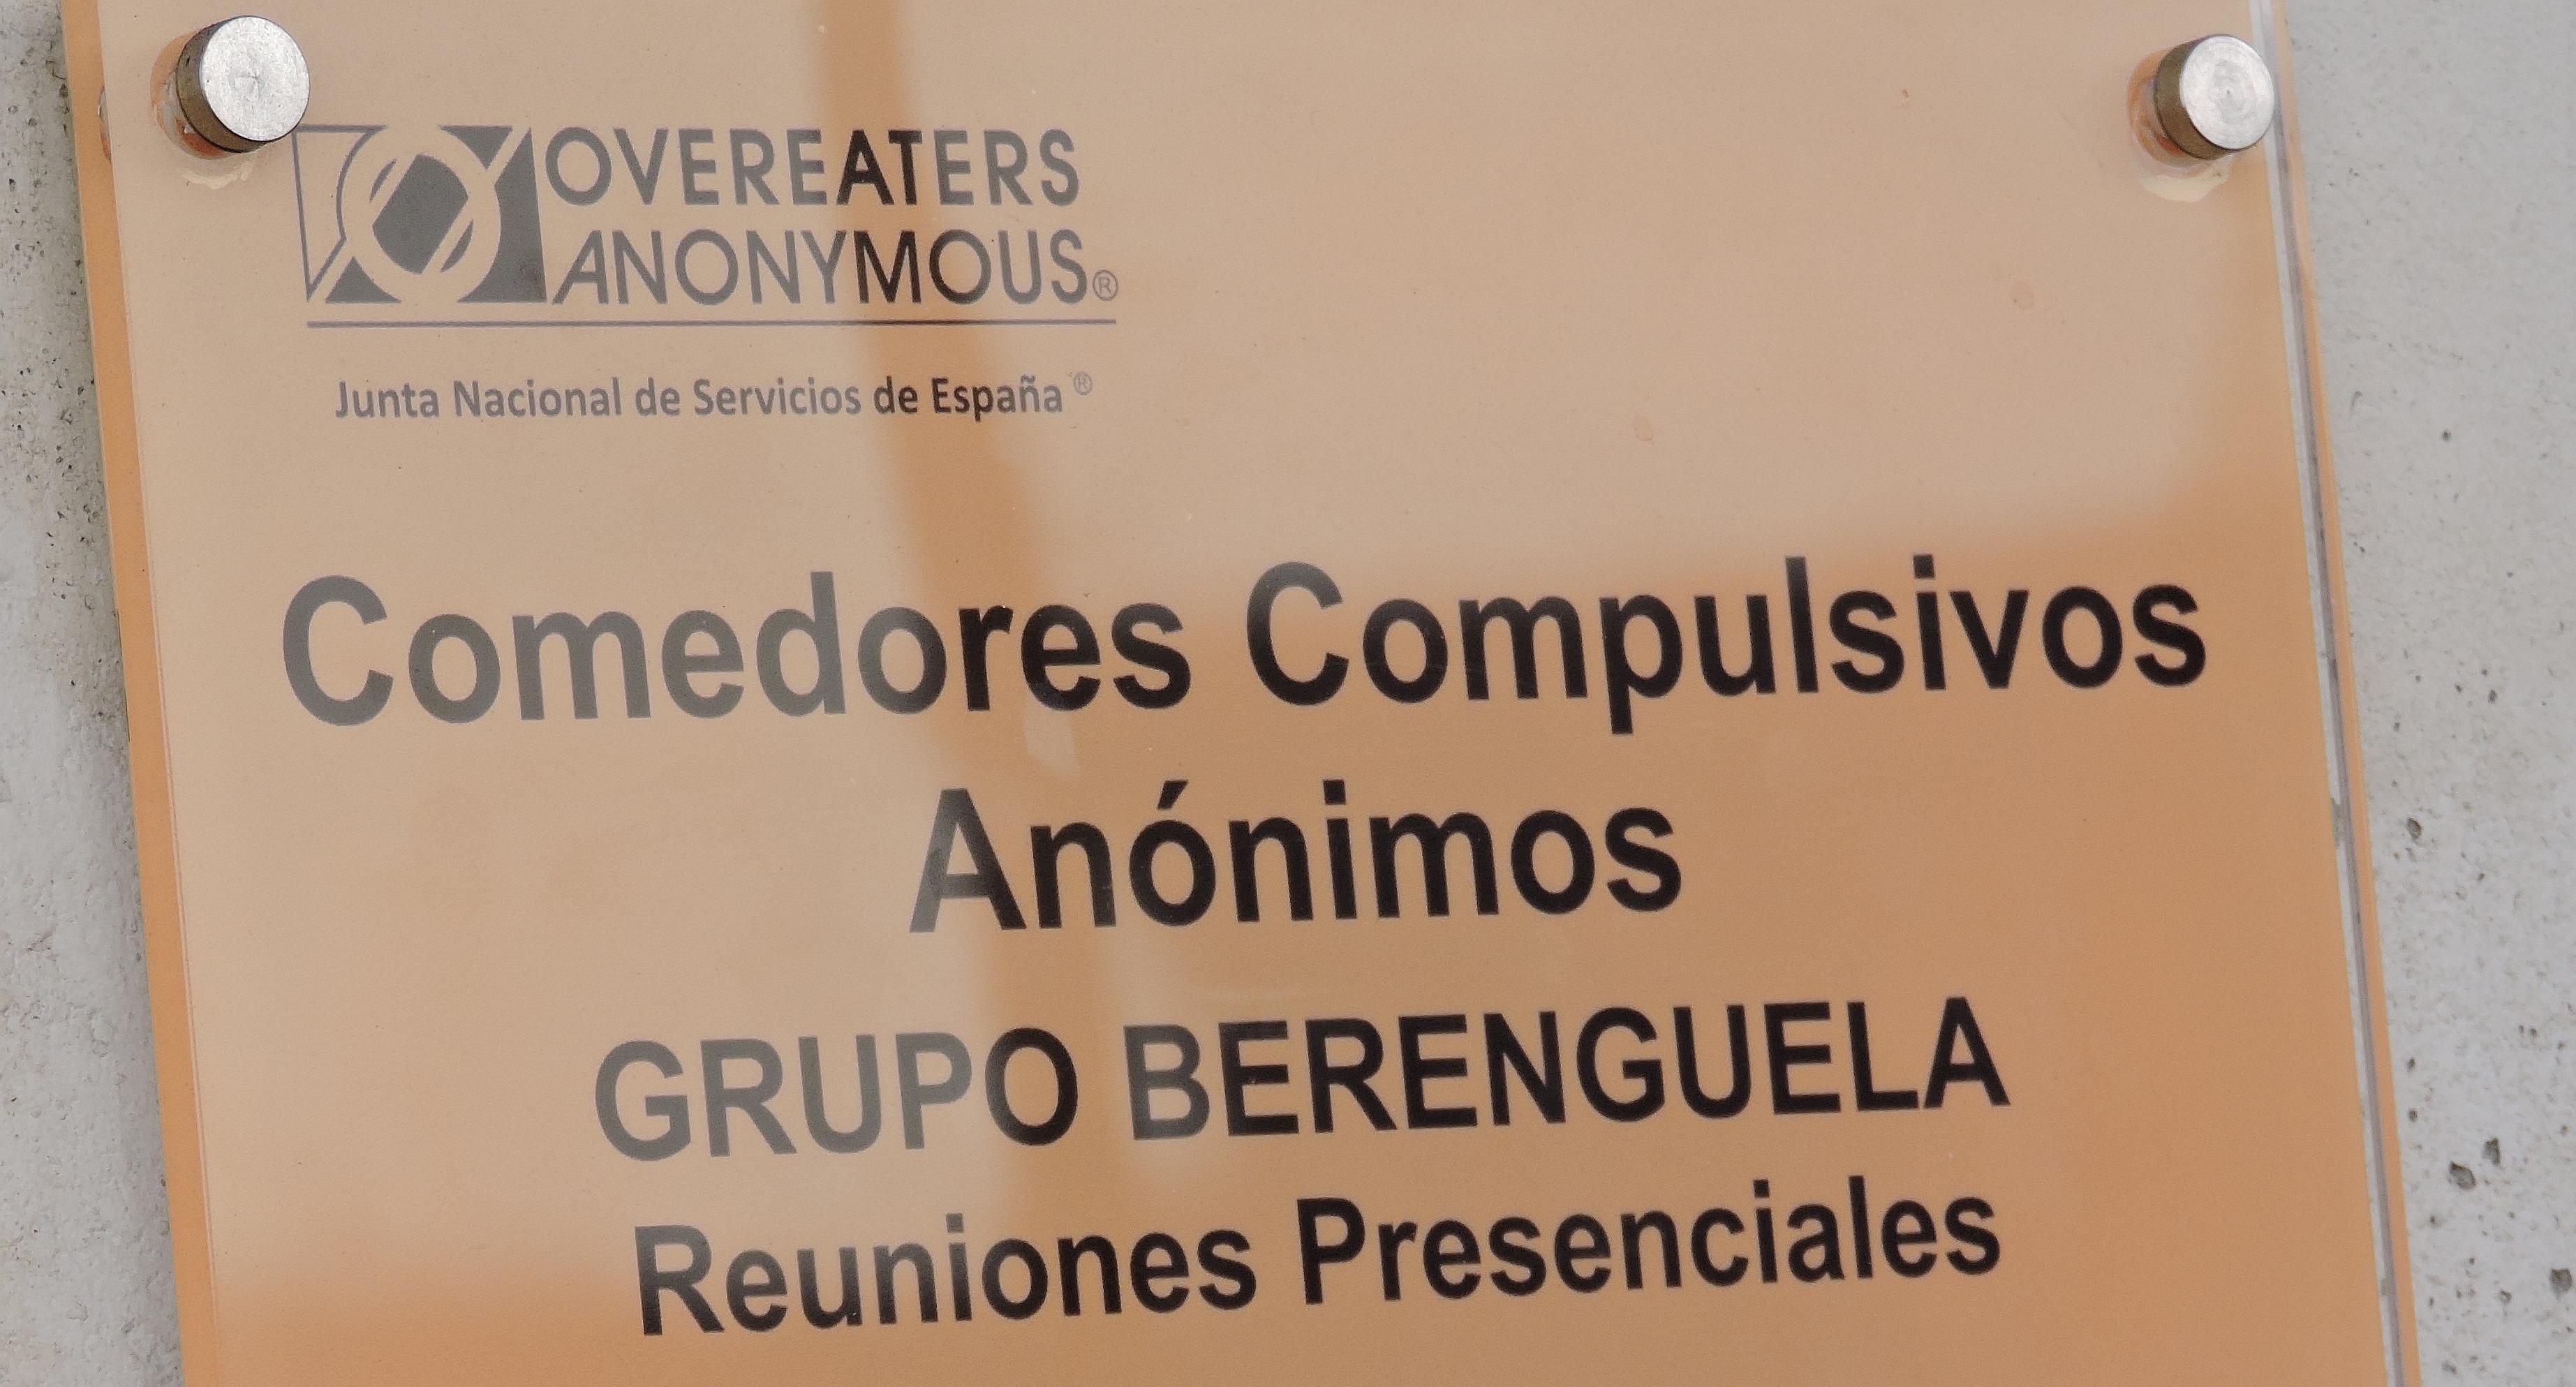 Archivo:Comedores Compulsivos Anónimos en Santiago de Compostela.png ...